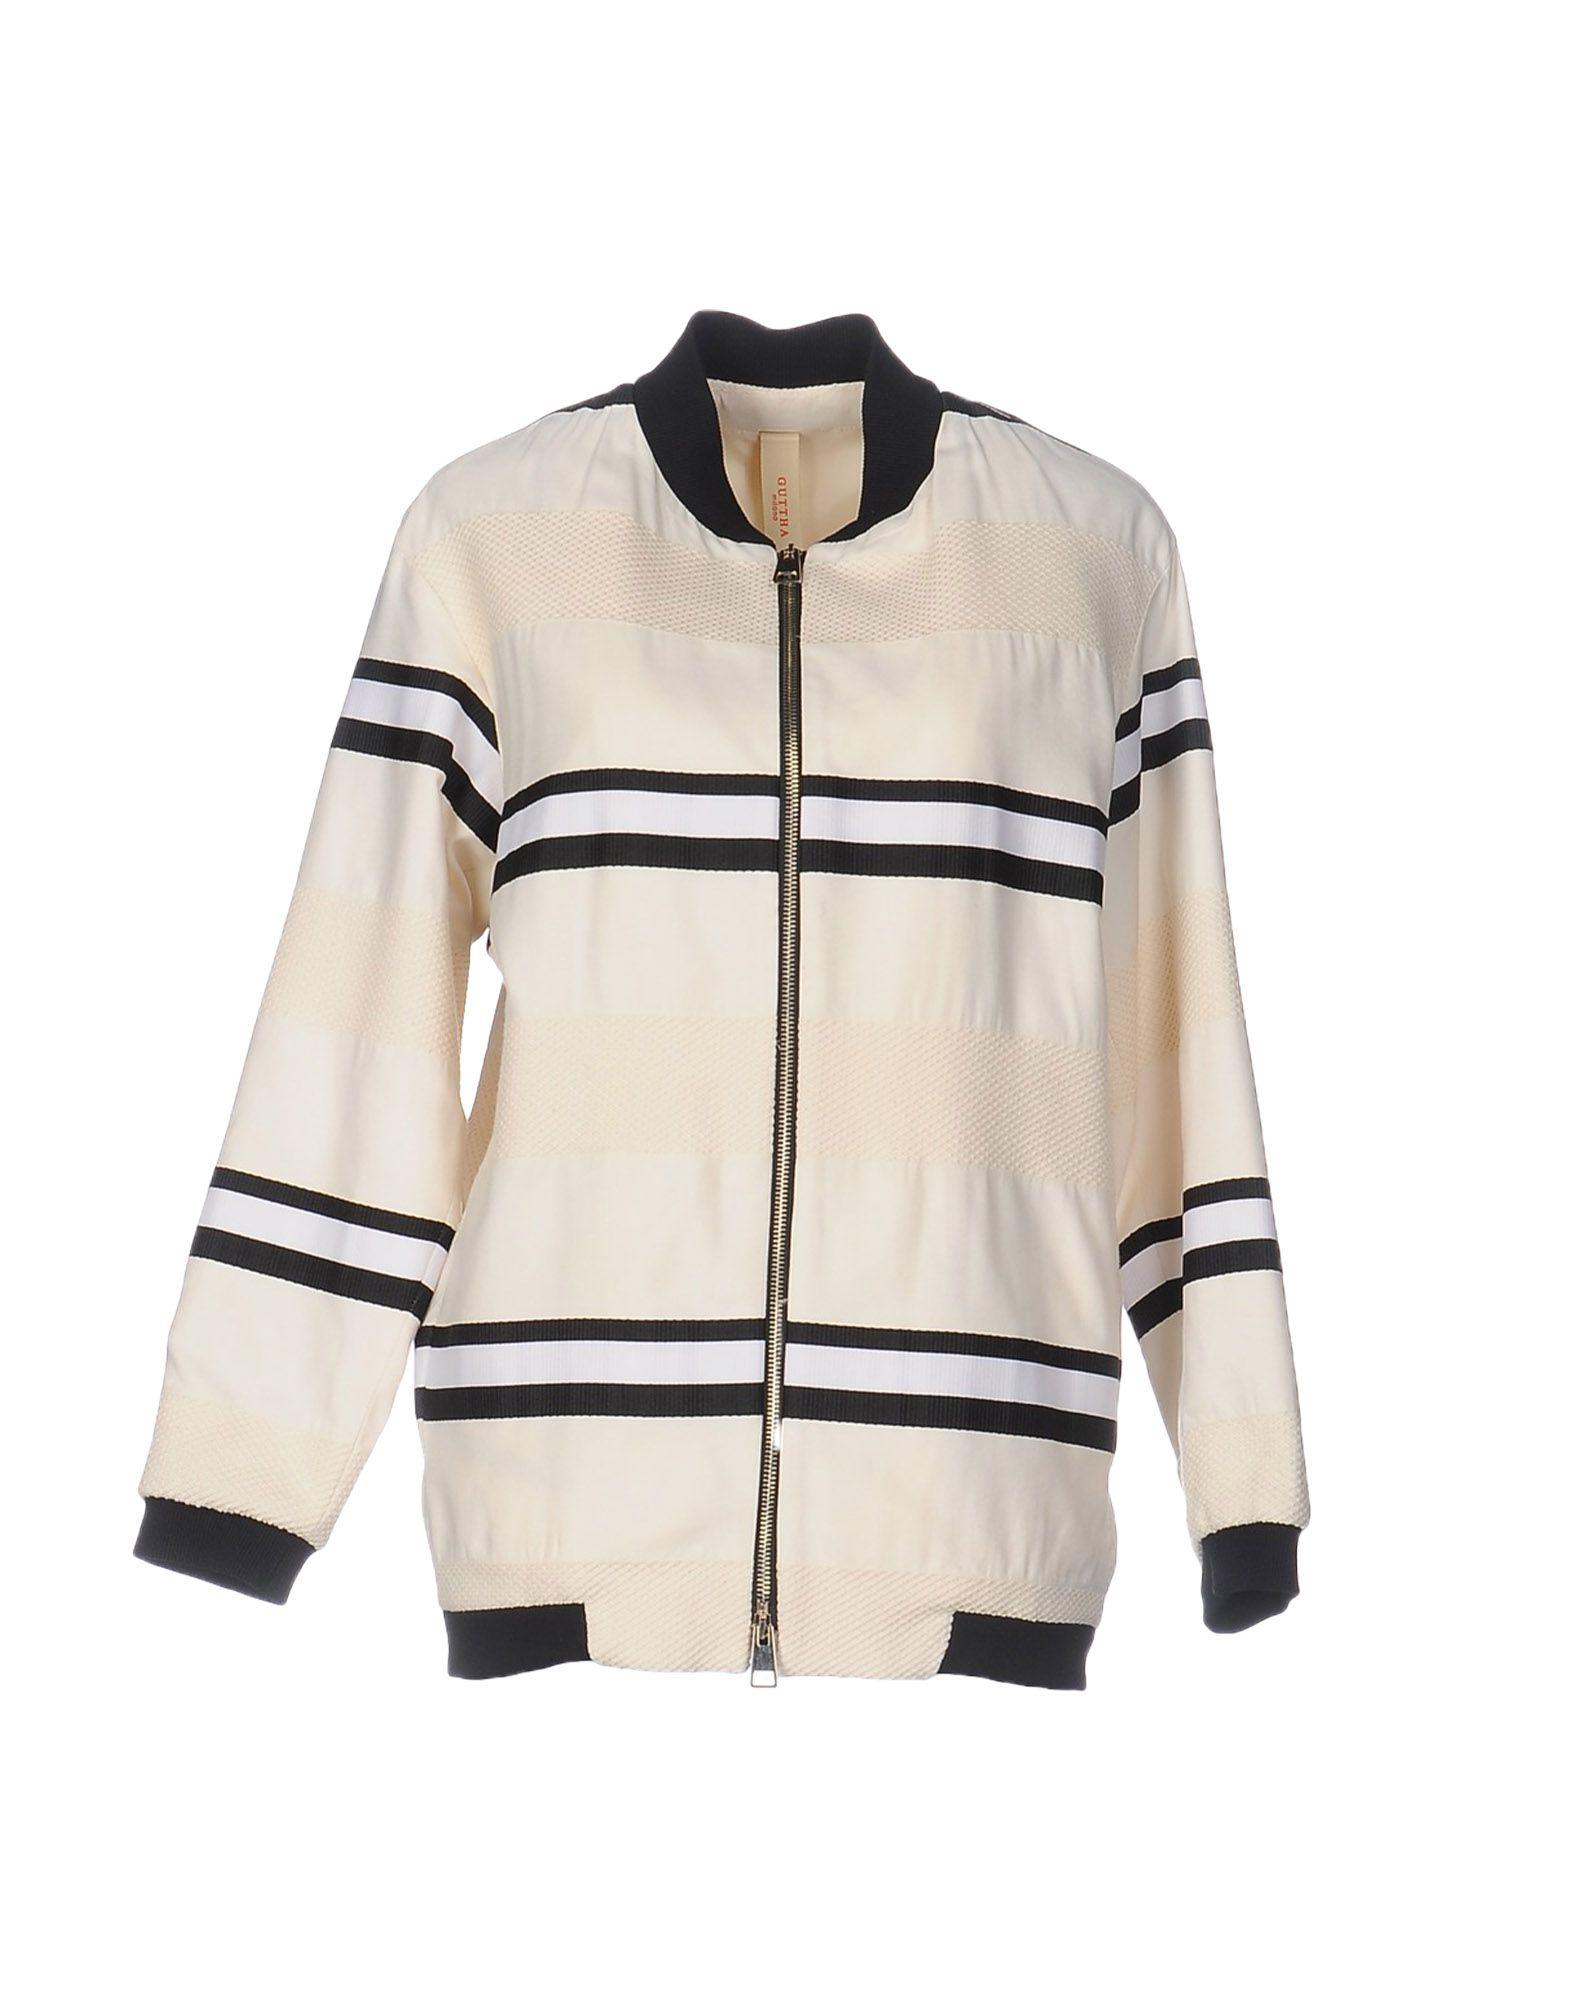 GUTTHA Damen Jacke Farbe Elfenbein Größe 5 jetztbilligerkaufen